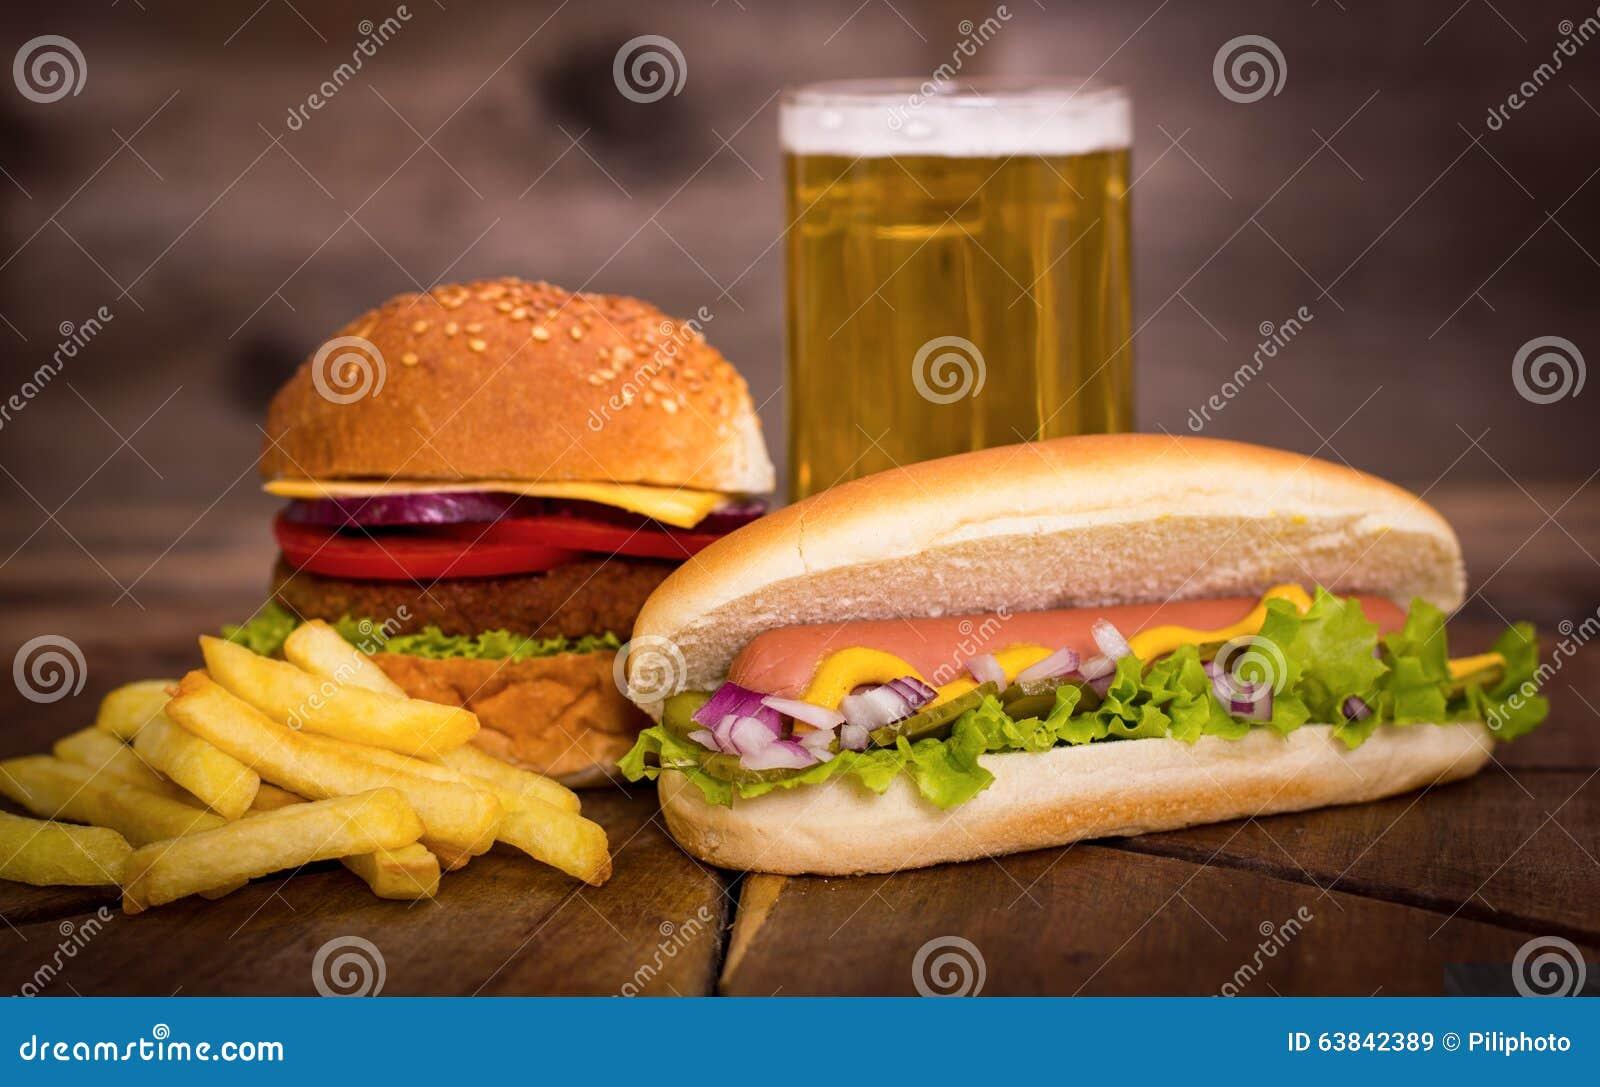 Schnellimbiß - Hotdoge, Hamburger und Pommes-Frites